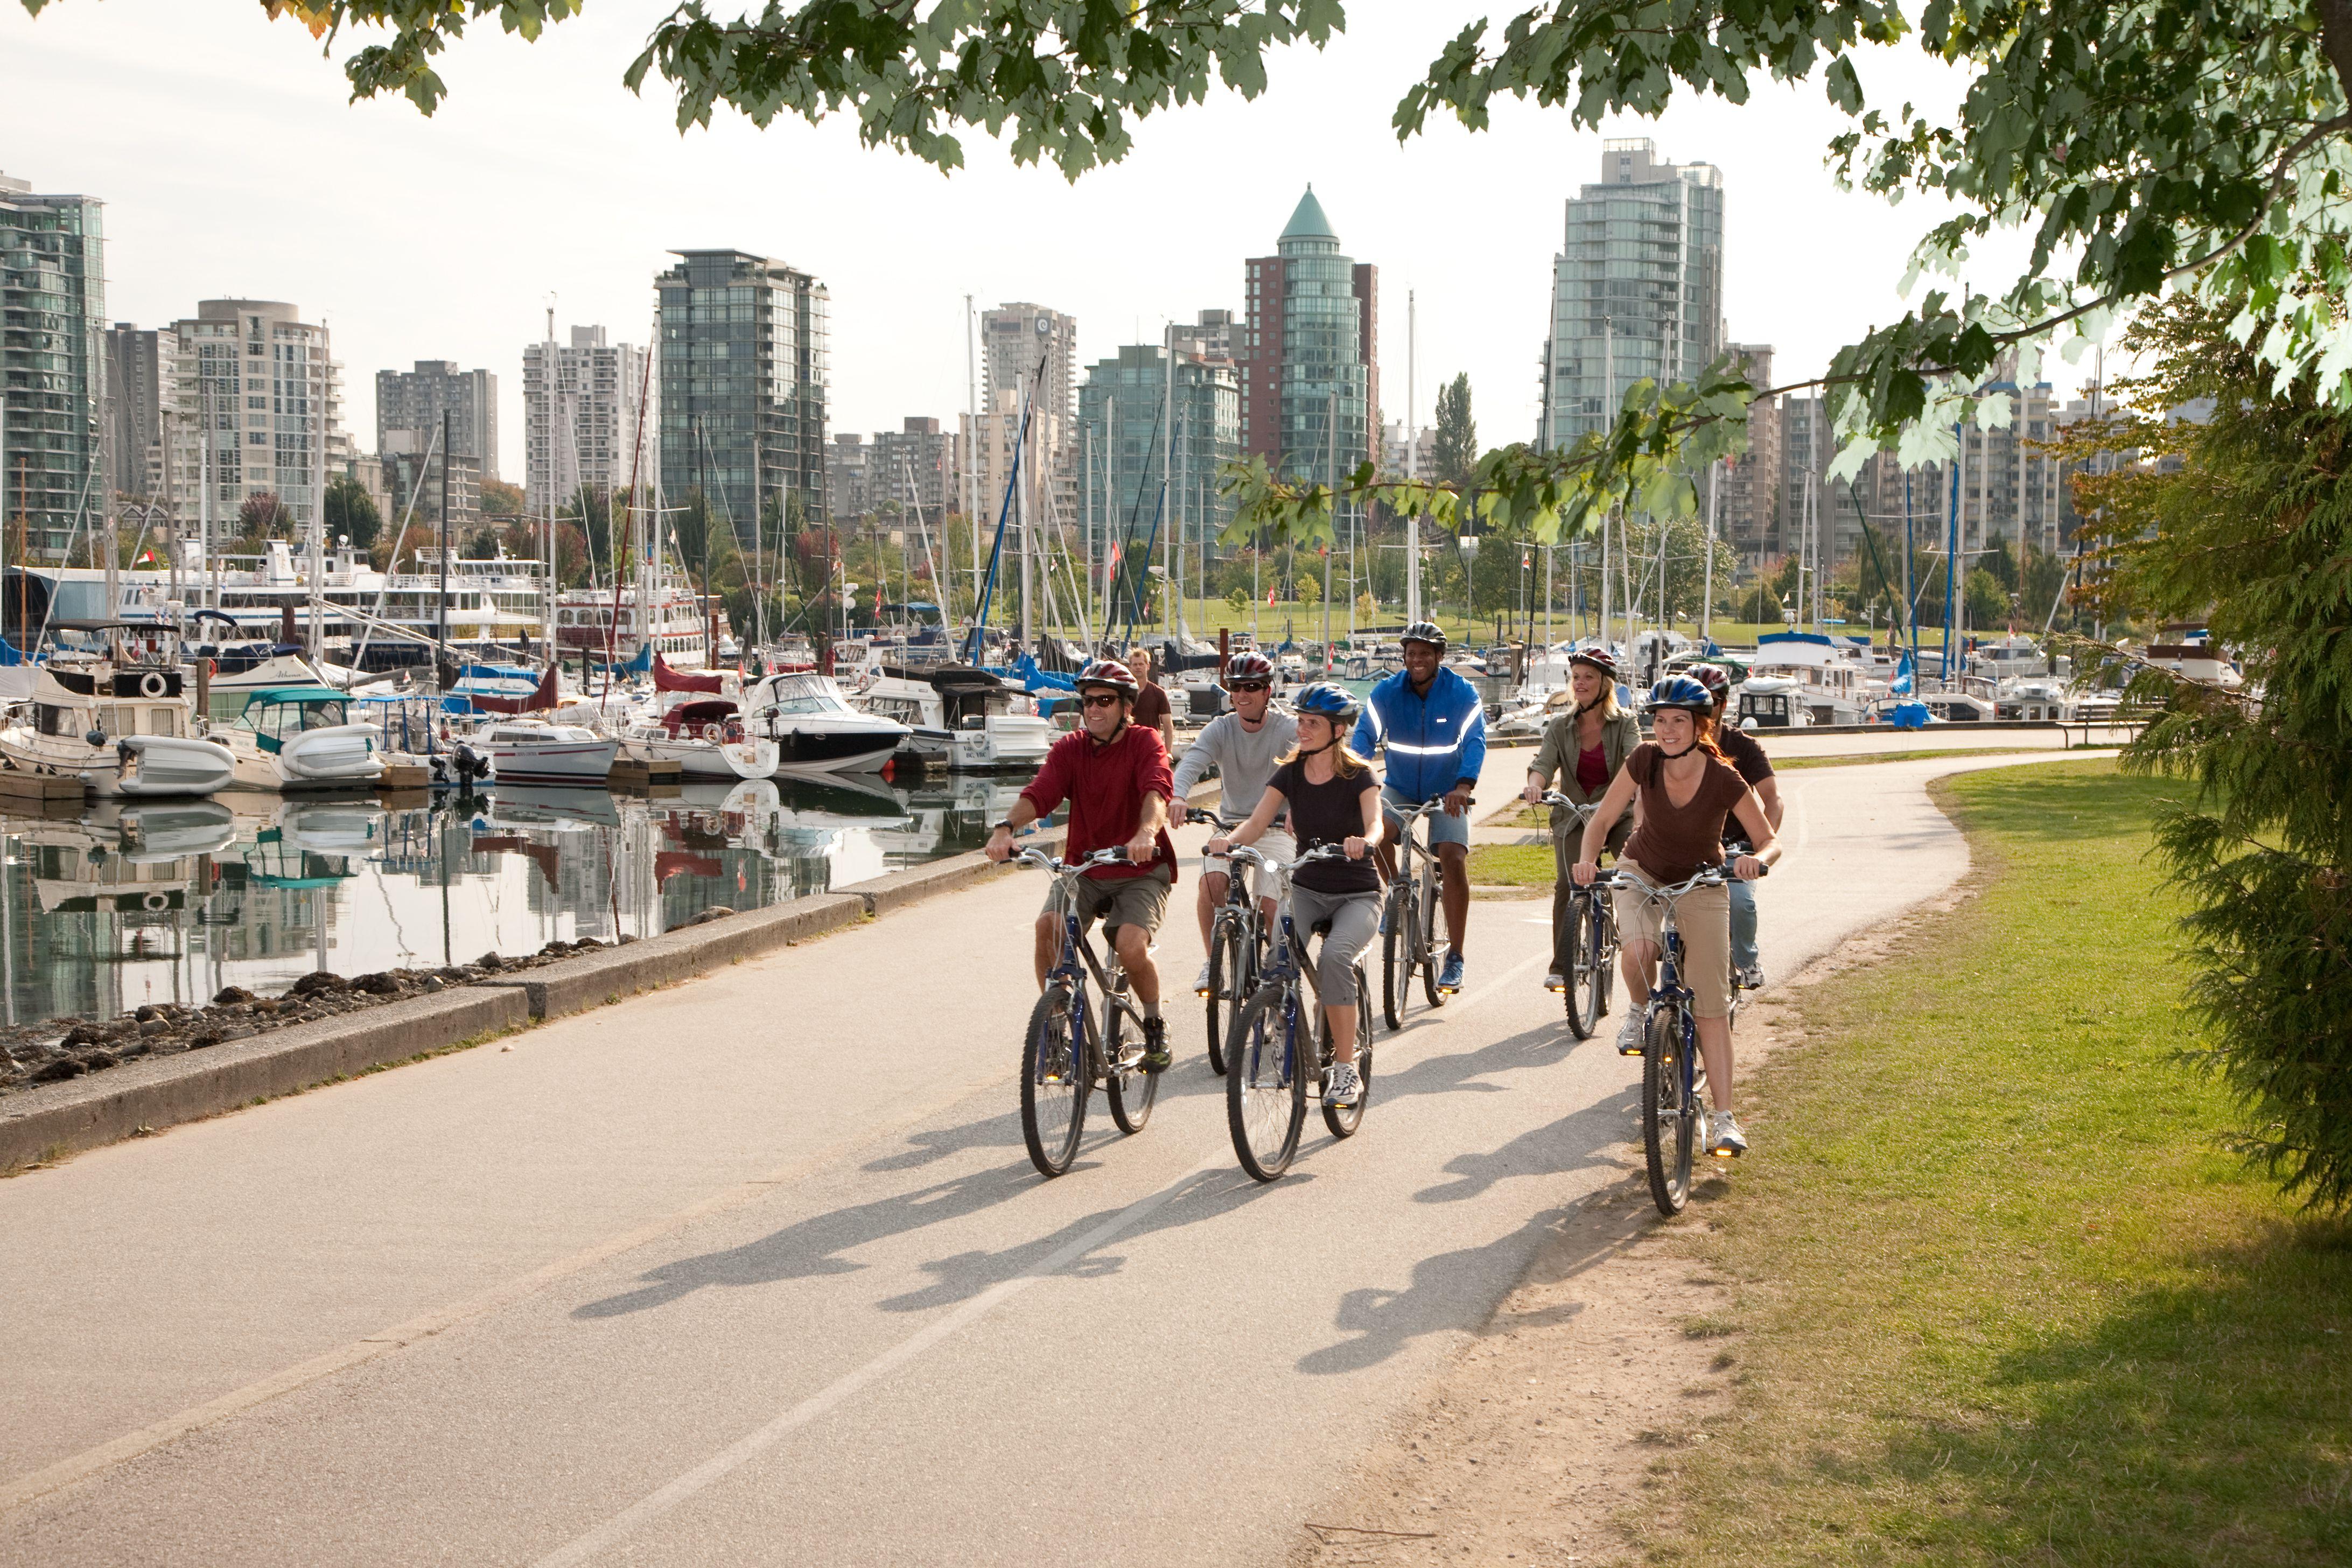 Vancouver BC dating gratis polska dejtingsajt Chicago